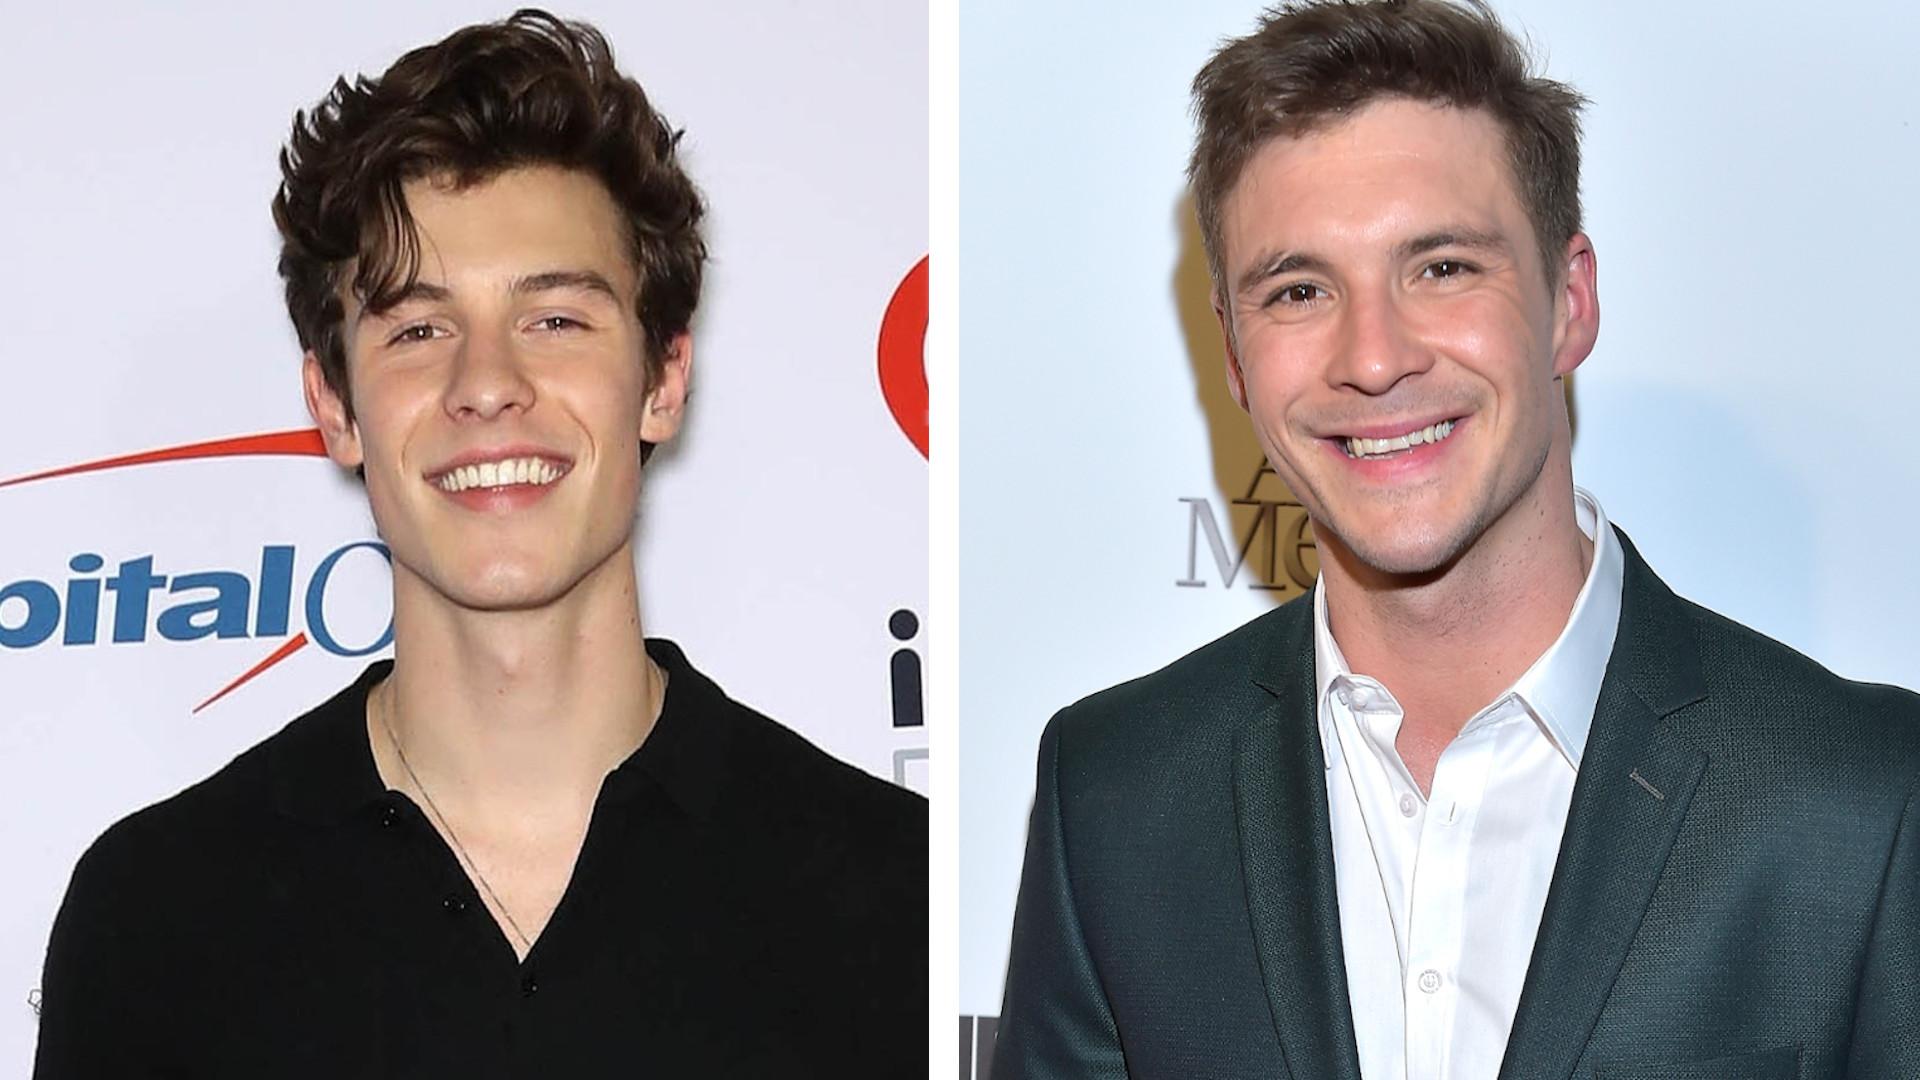 Mikołaj Roznerski w młodości wyglądał jak Shawn Mendes? (ZDJĘCIE)